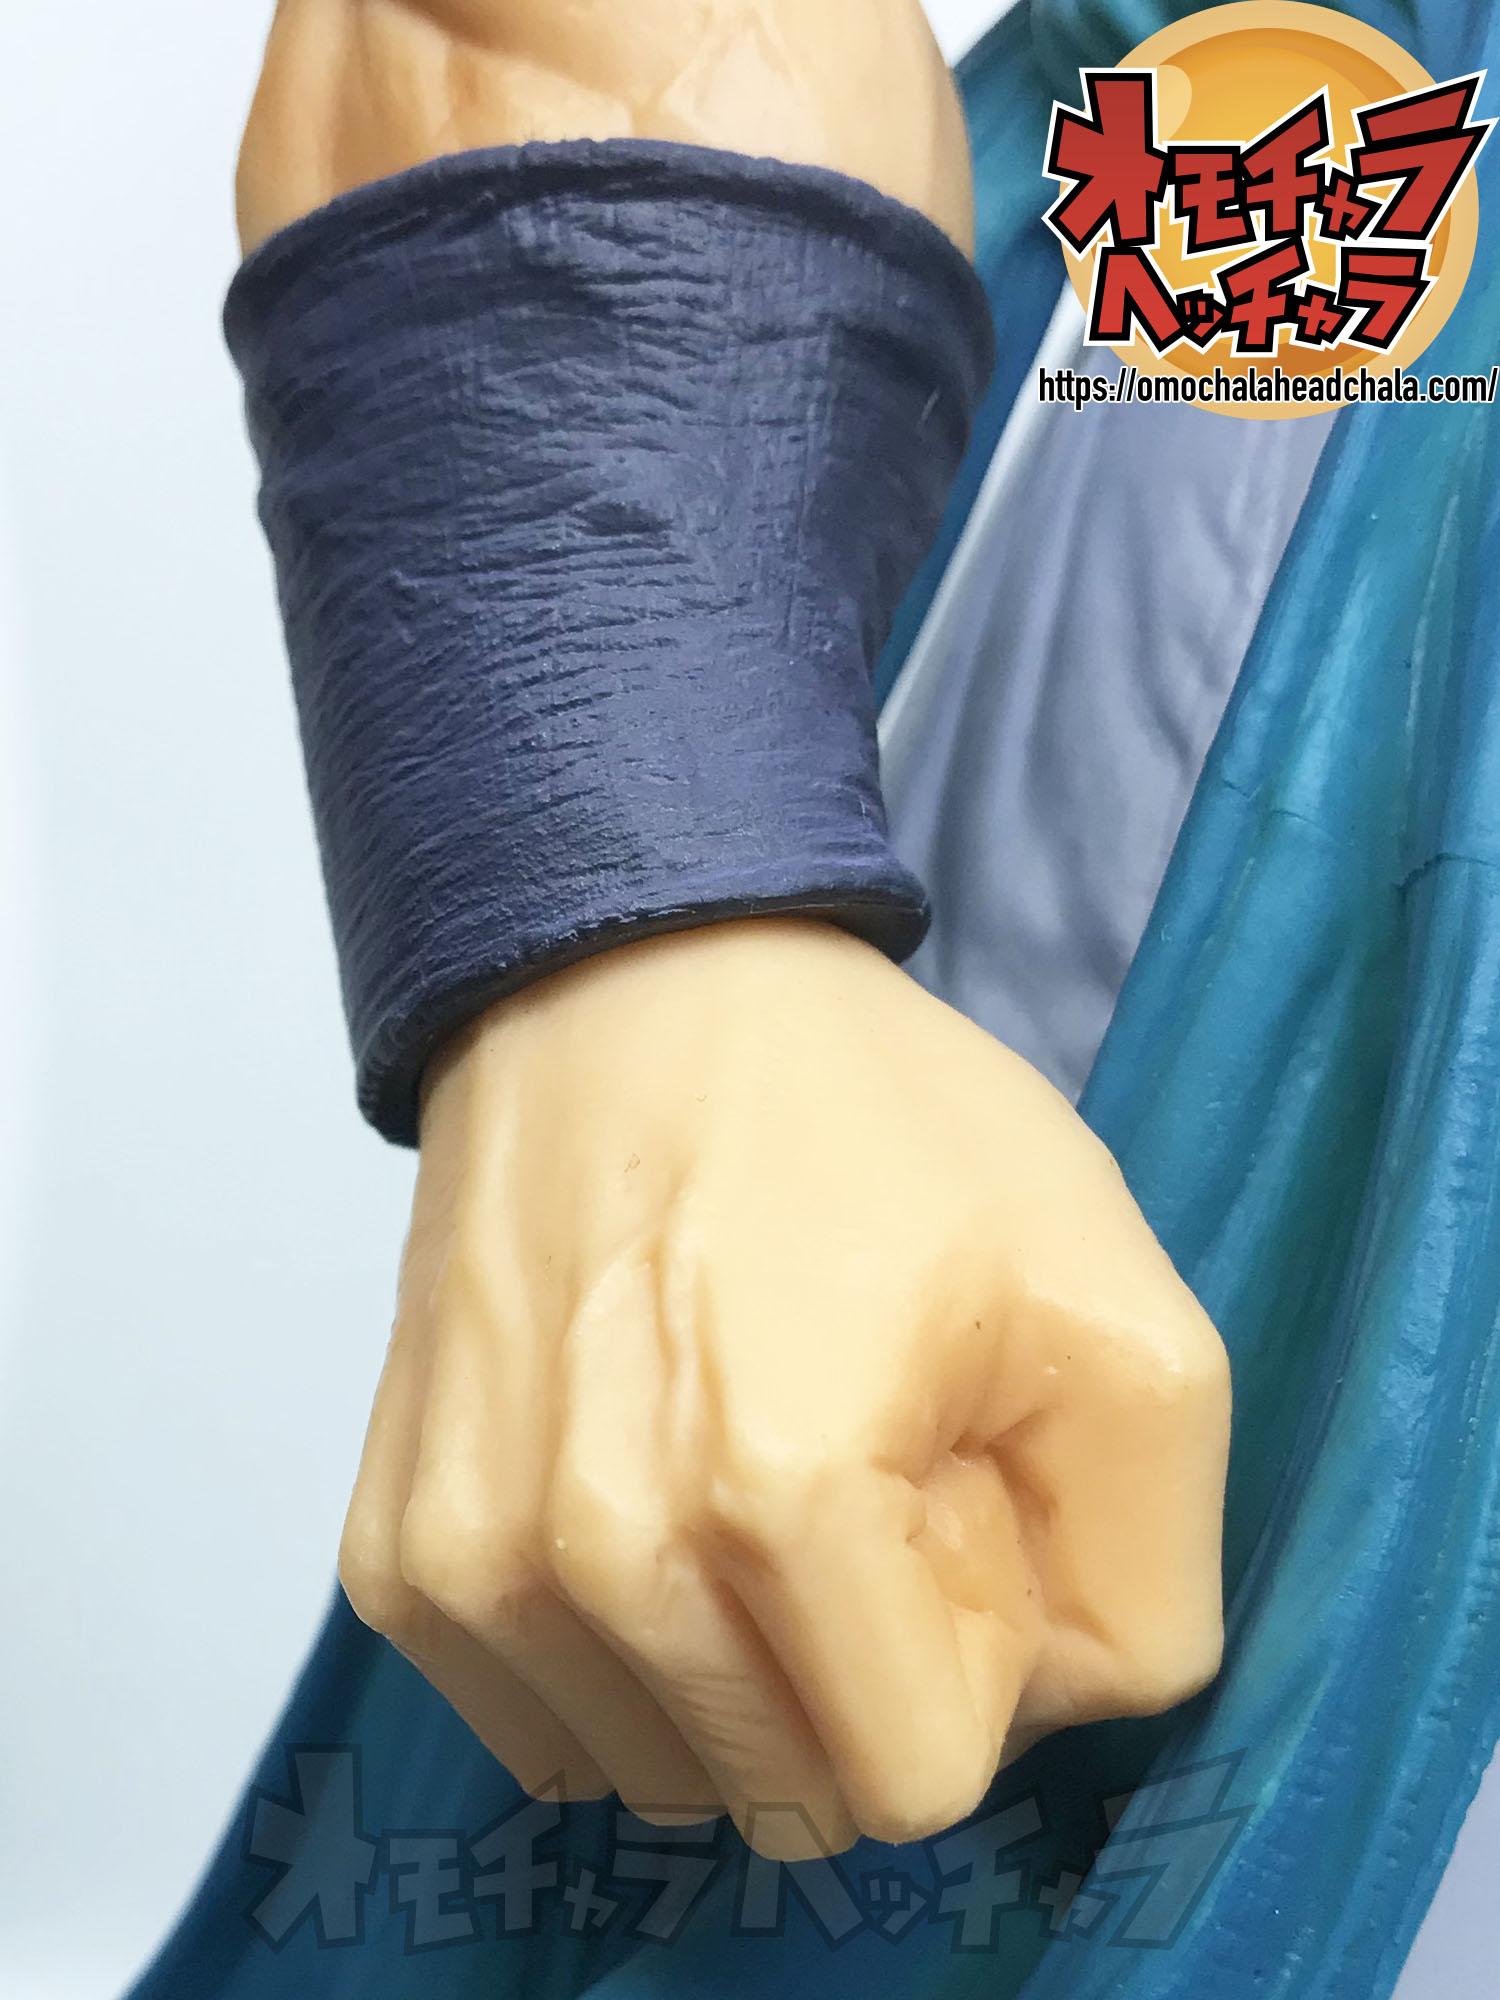 ドラゴンボールフィギュアレビューブログのアミューズメント一番くじ ドラゴンボール超 SUPER MASTER STARS PIECE(SMSP)THE GOGETATHE BRUSHⅠ賞(SSGSS)賞